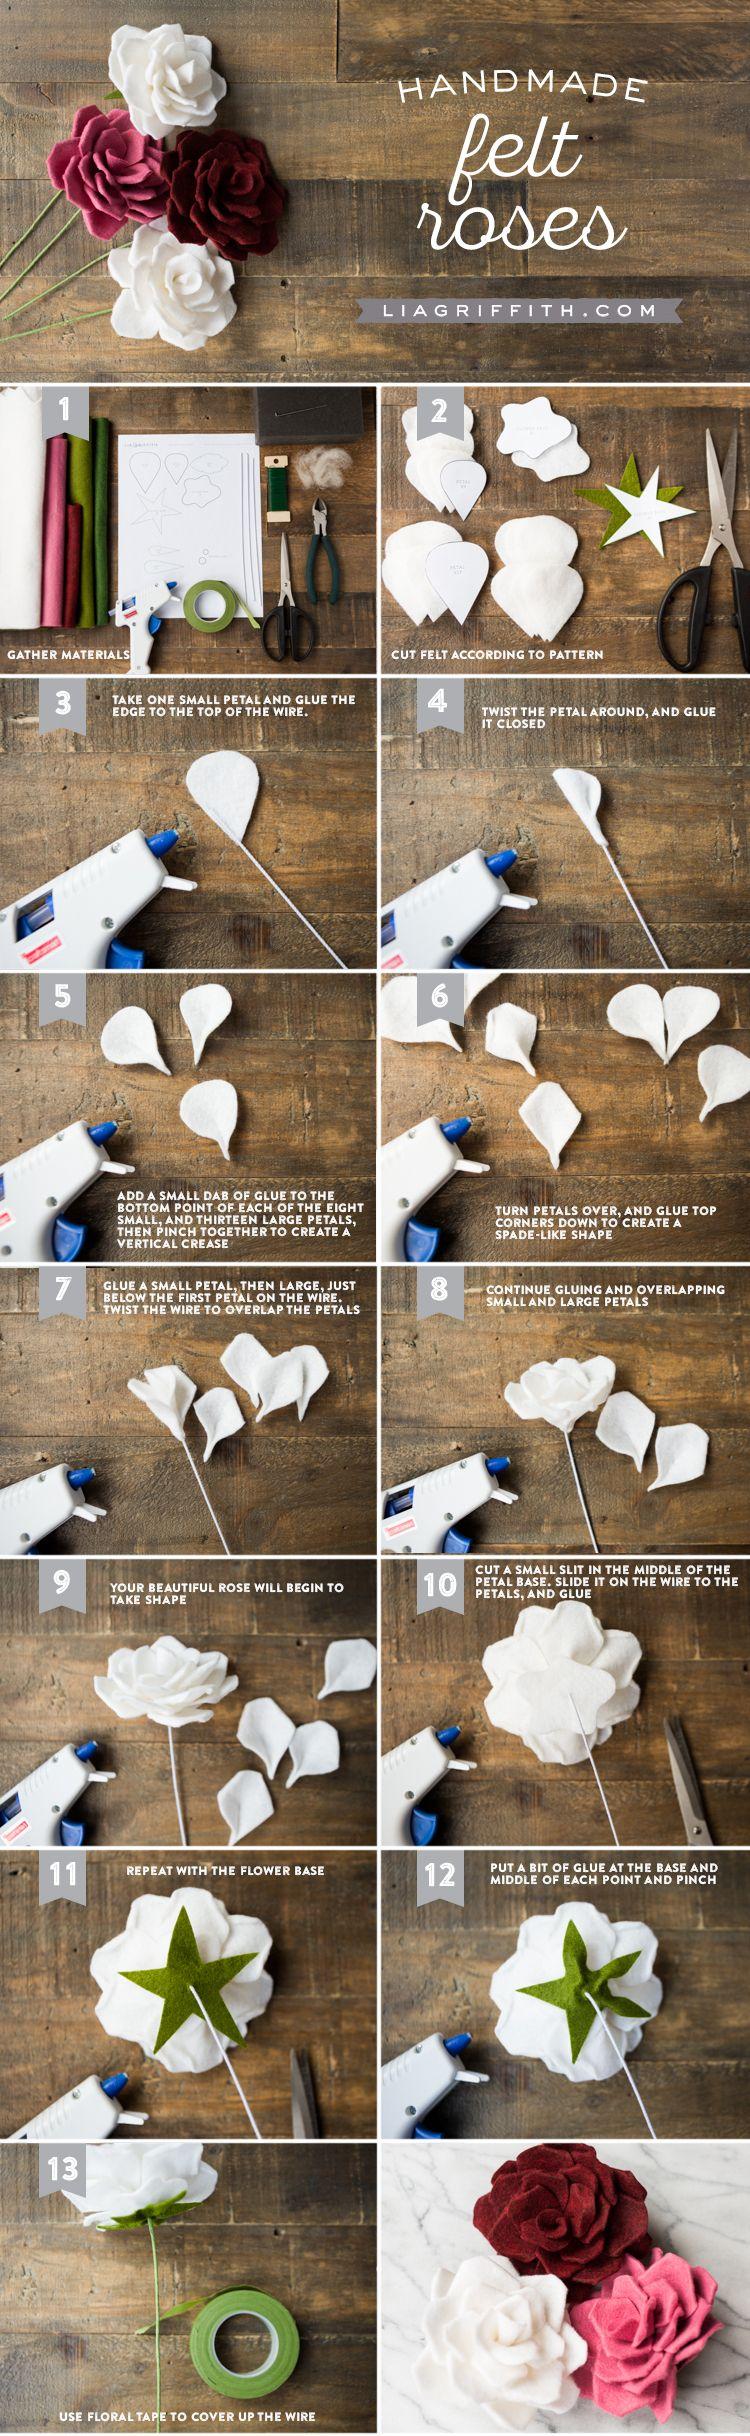 #feltcraft #feltflower #feltrose www.LiaGriffith.com: